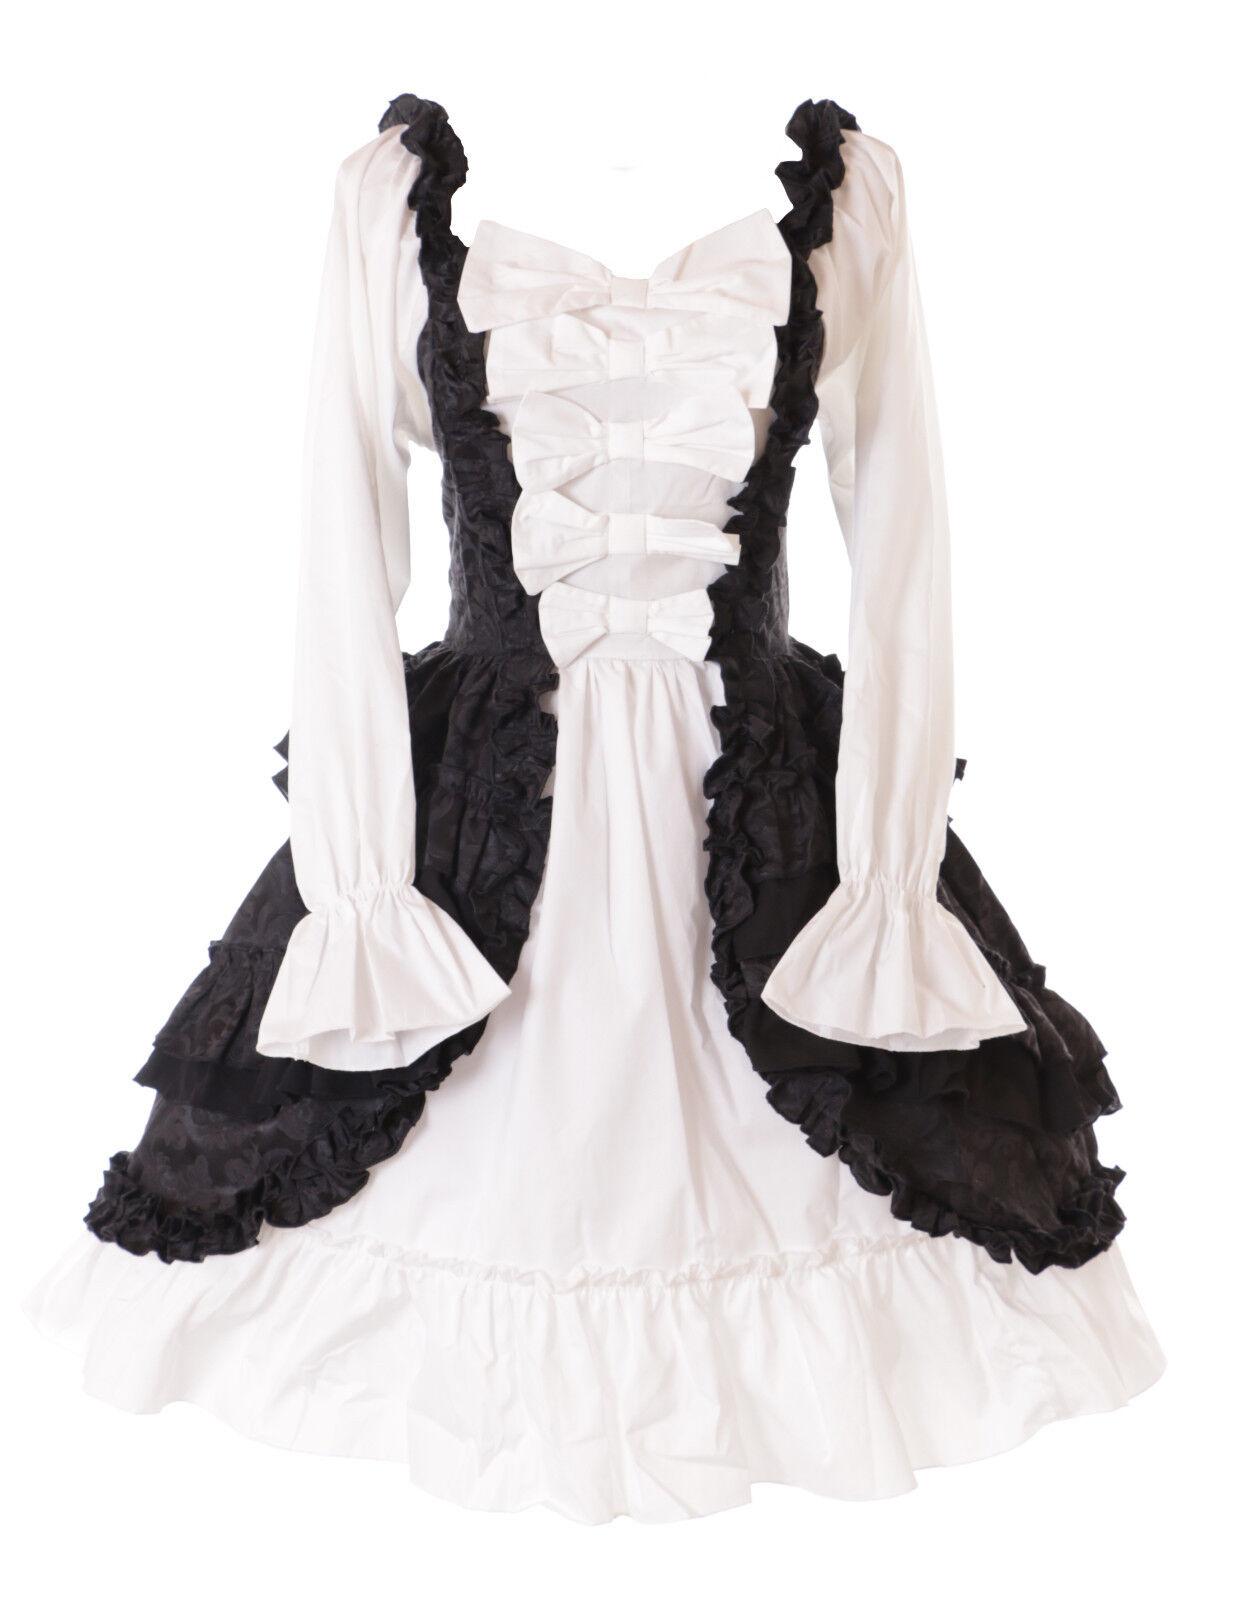 JL-664 Langarm Rüschen Schleifen Kleid Ornament schwarz weiß Victorian Gothik